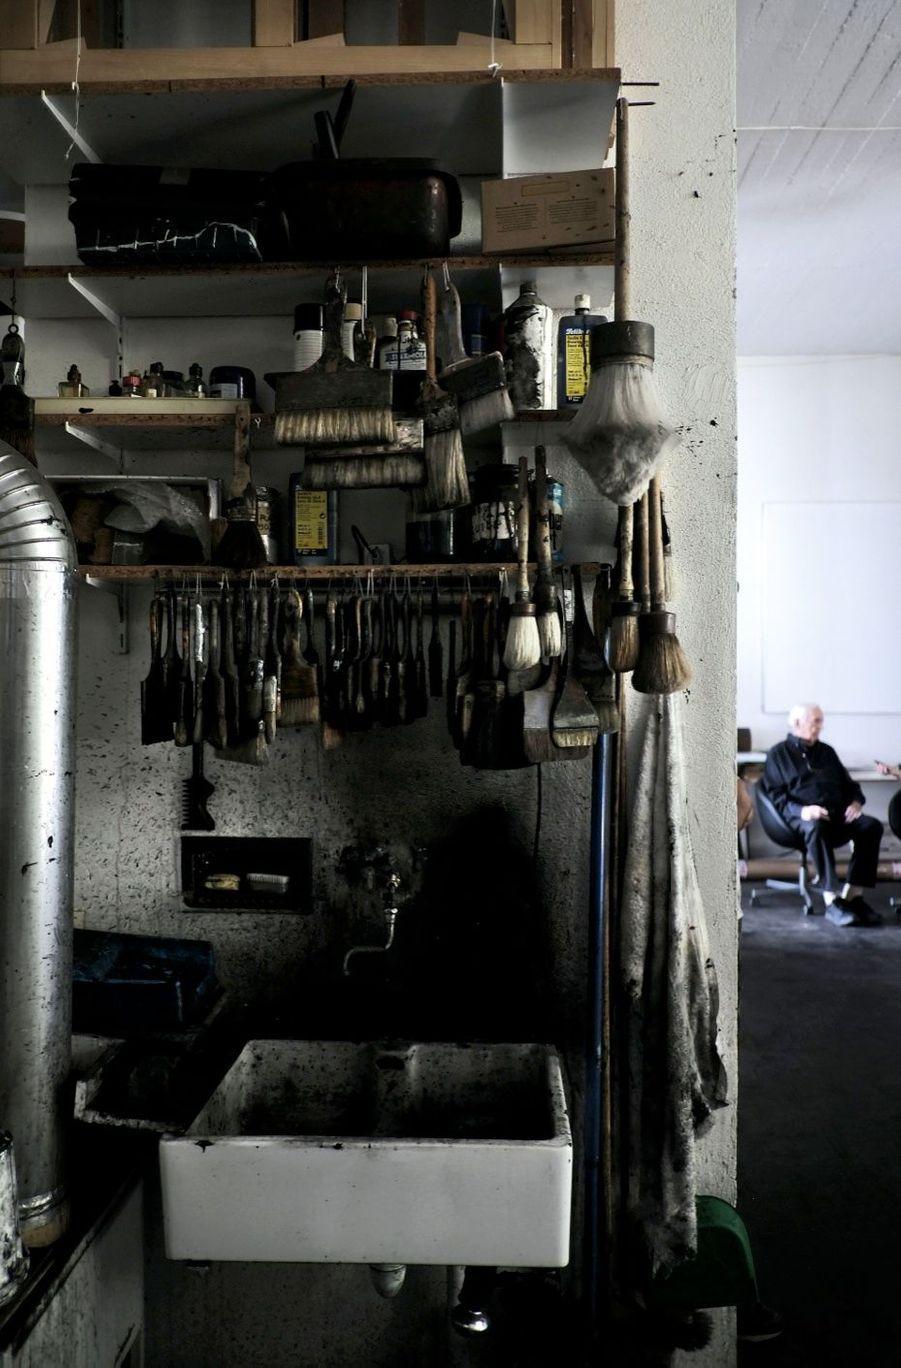 Dans son atelier. Fils de carrossier, il se procure d'épaisses brosses-balais chez les peintres en bâtiment, des racloirs chez les tanneurs...